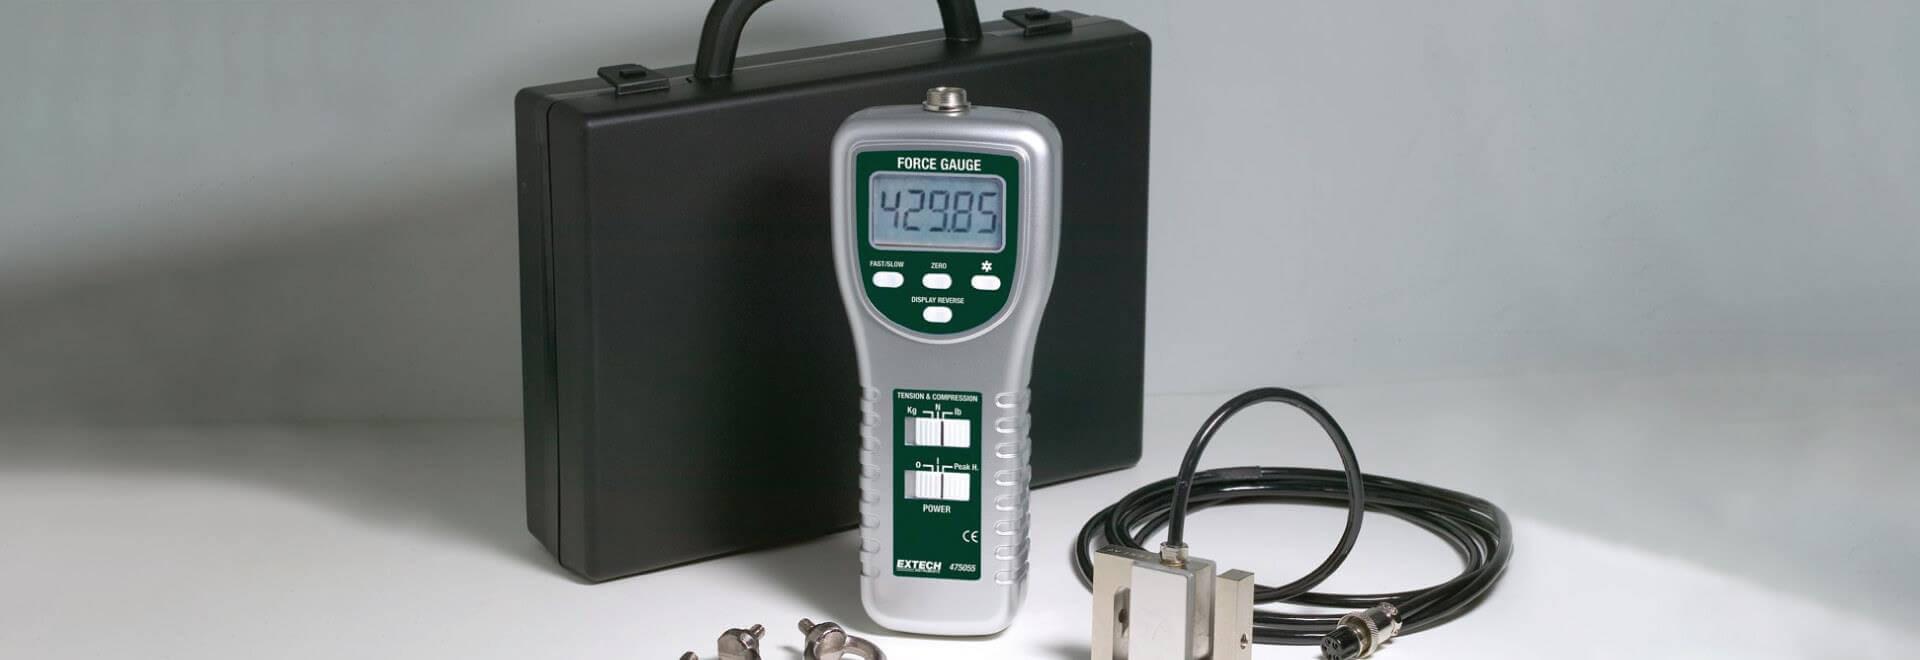 Máy đo lực đo gì? 06 dạng đo lực phổ biến hiện nay